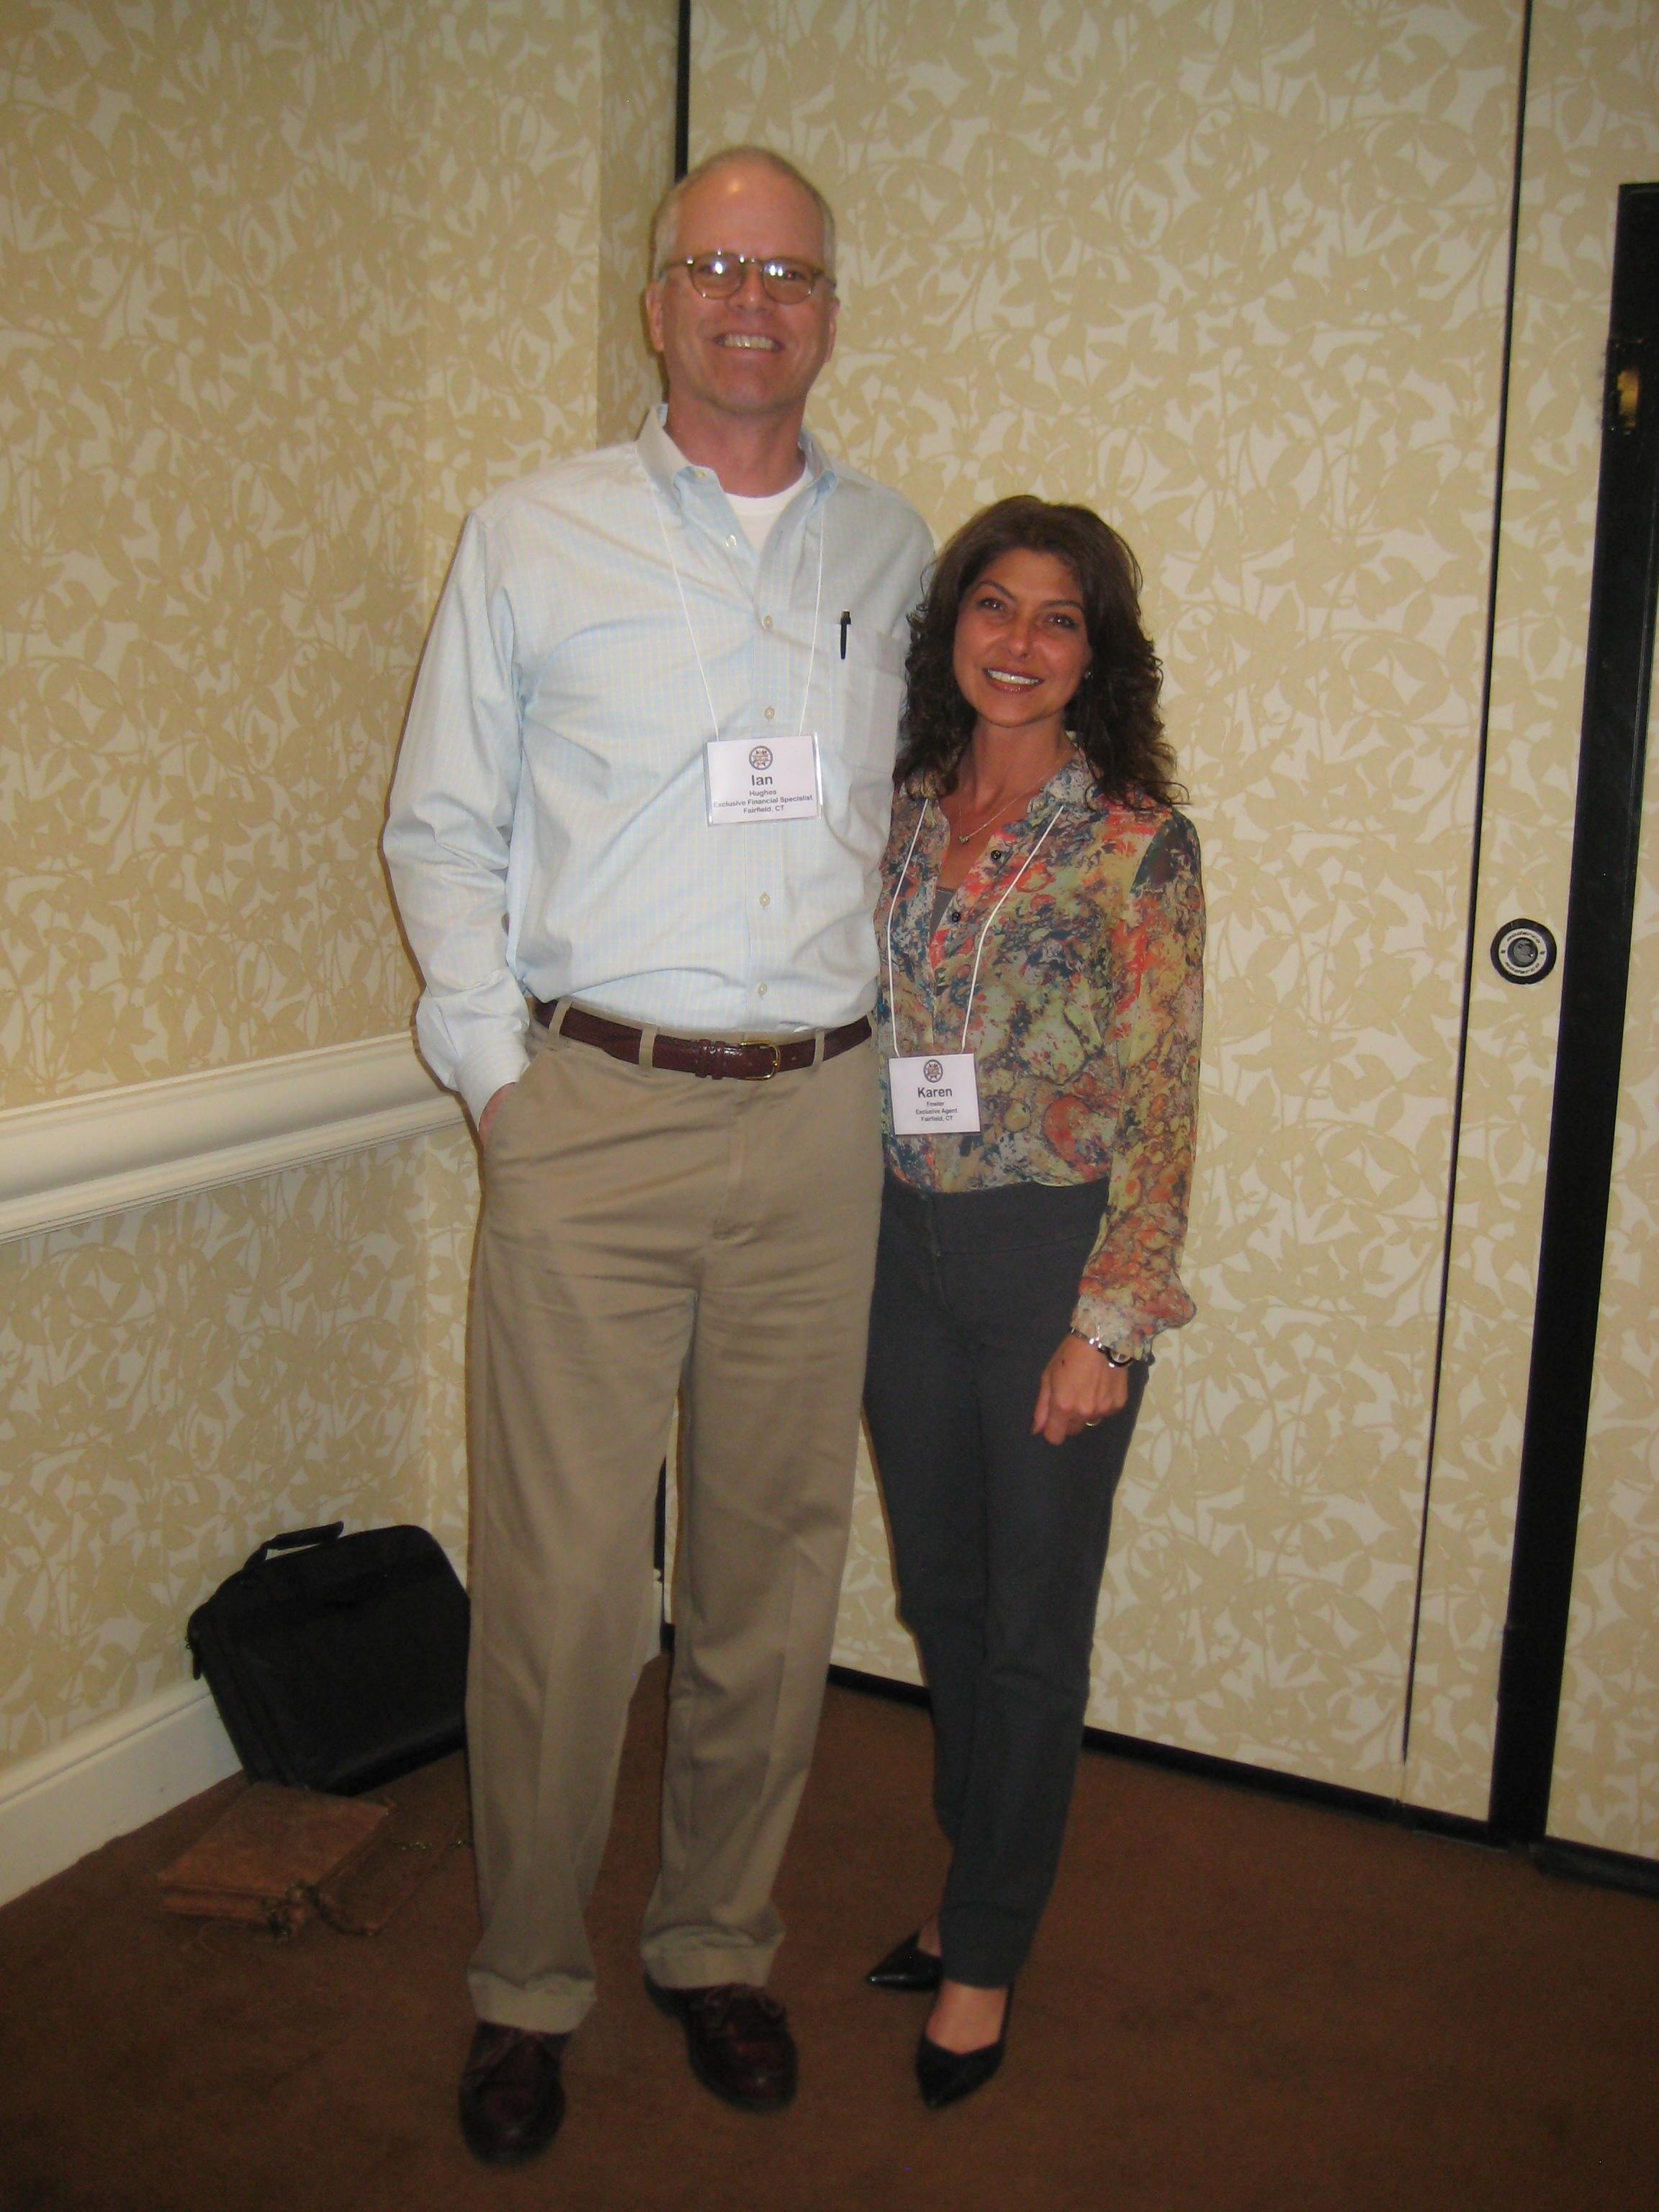 Karen Fowler: Allstate Insurance image 1